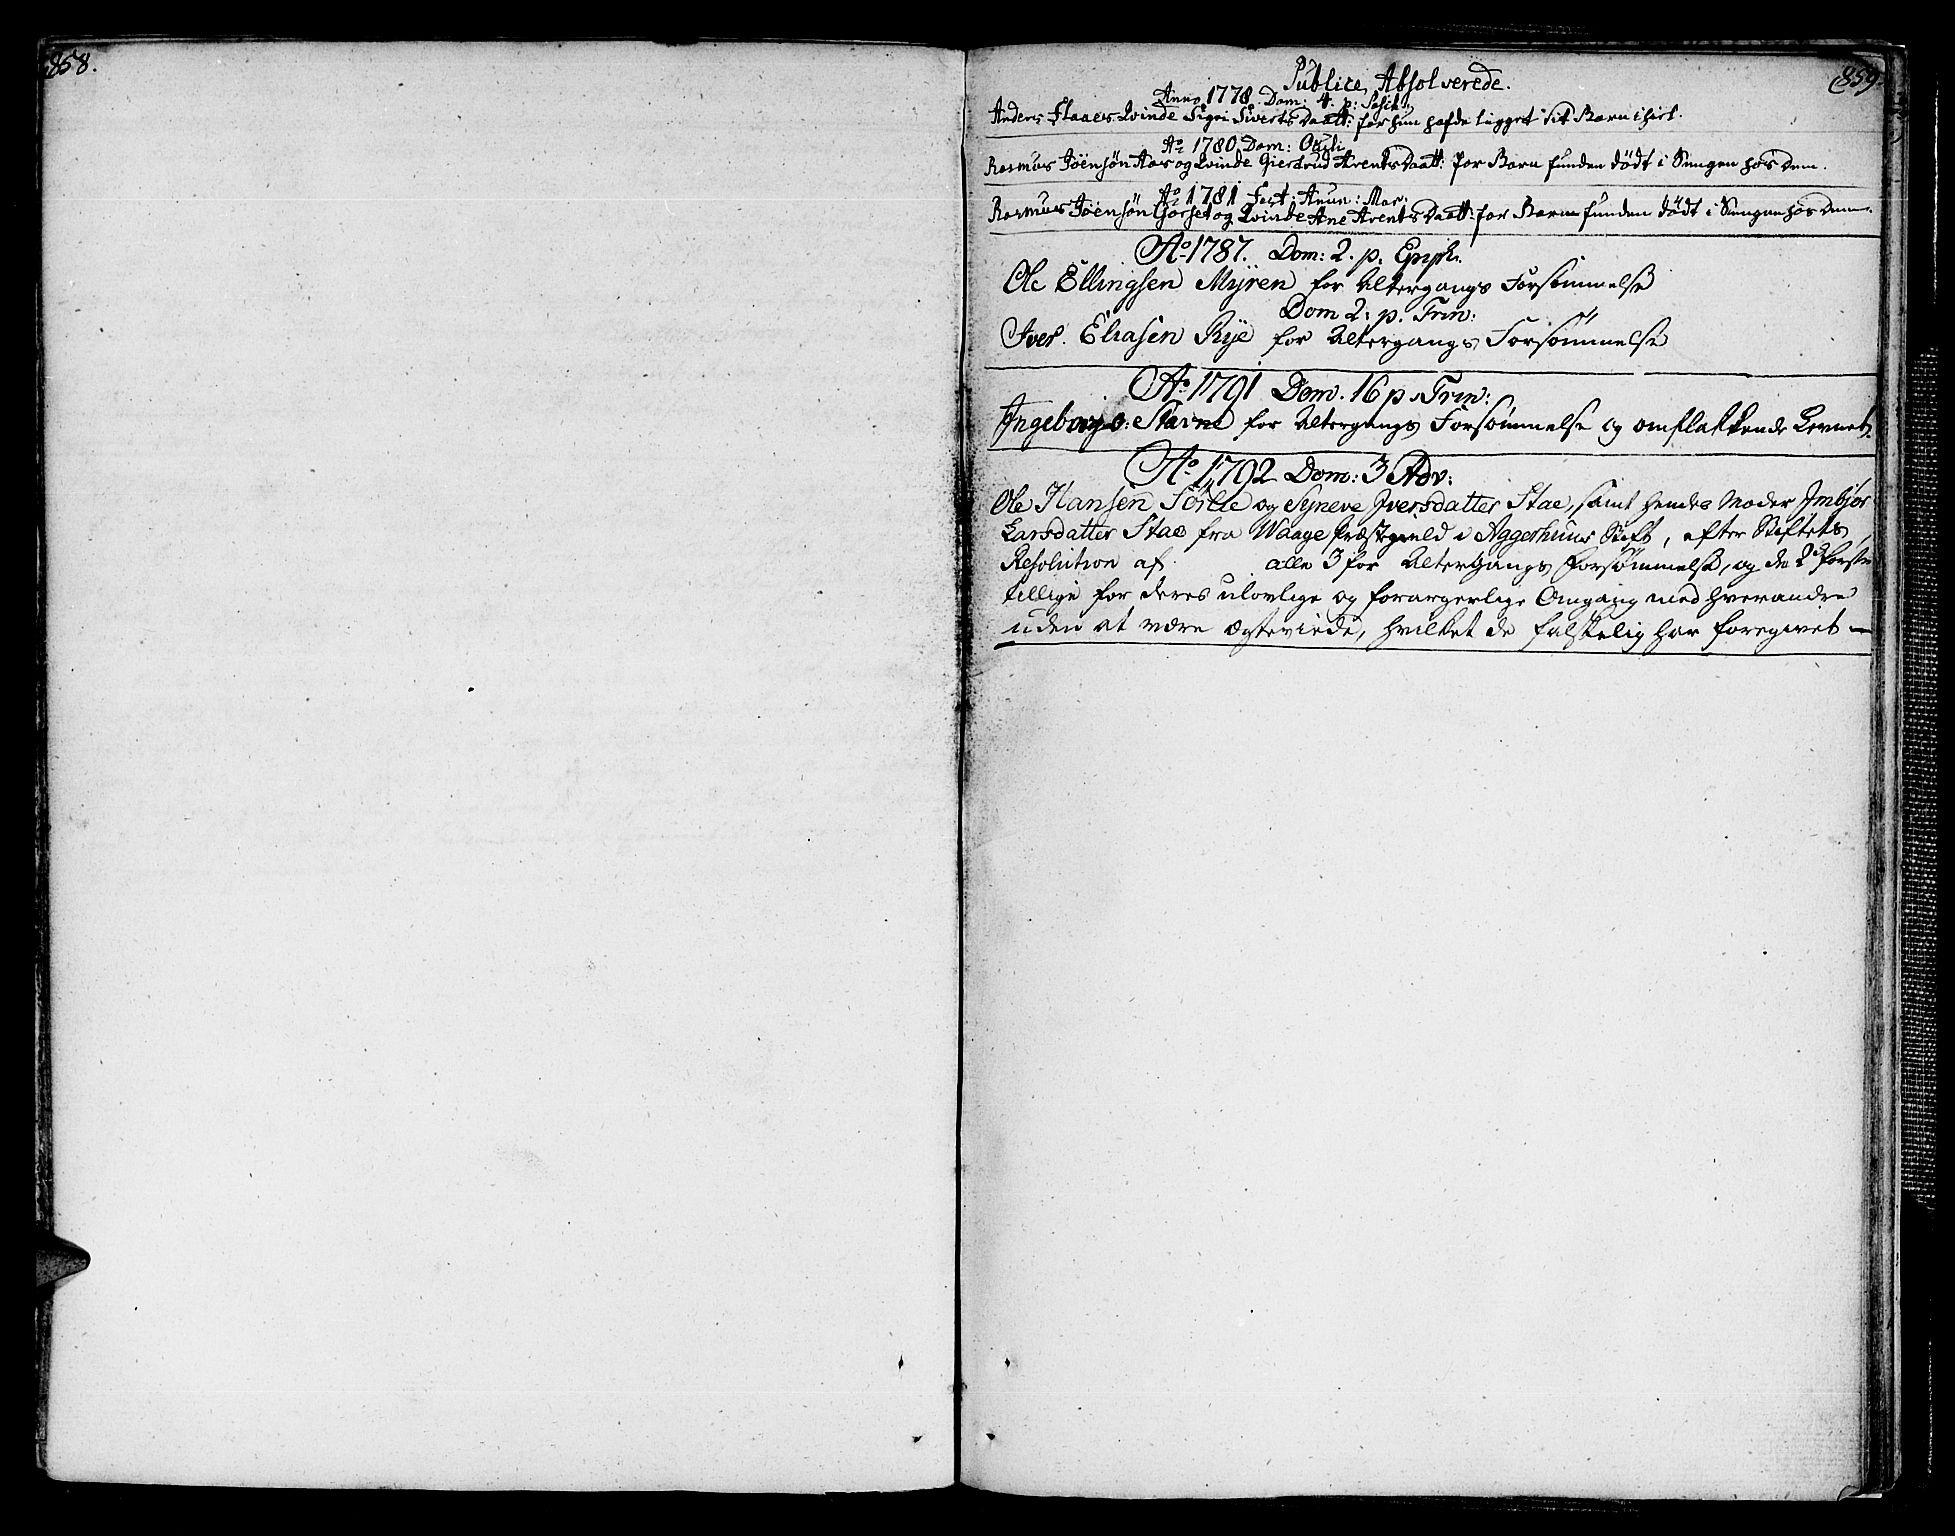 SAT, Ministerialprotokoller, klokkerbøker og fødselsregistre - Sør-Trøndelag, 672/L0852: Ministerialbok nr. 672A05, 1776-1815, s. 858-859